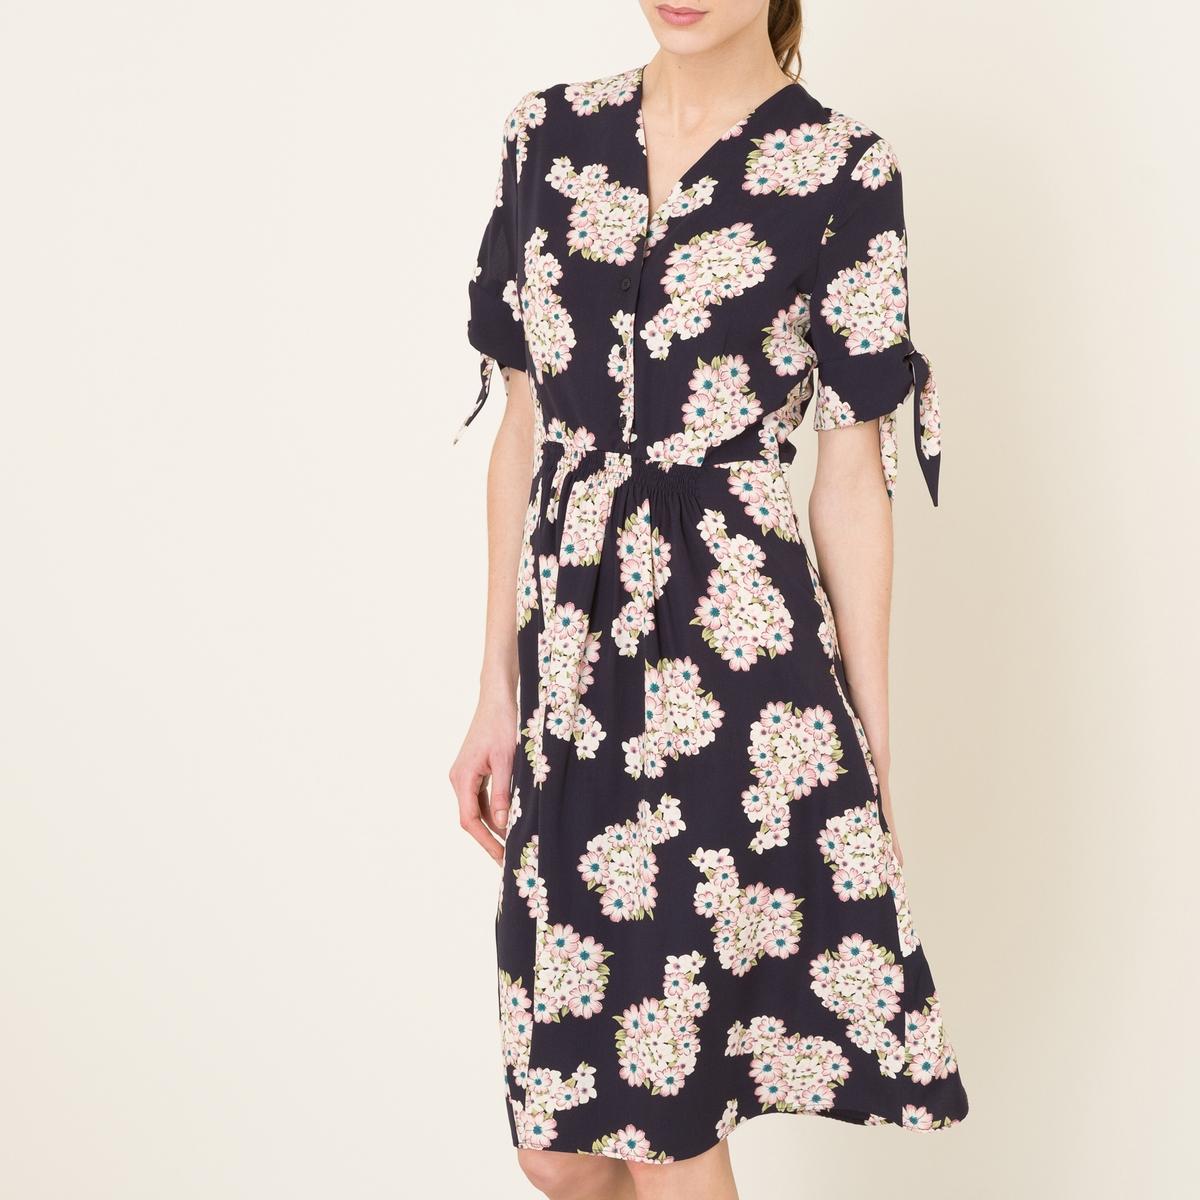 Платье BOTANIQUEСостав и описание Материал : 100% полиэстерДлина : 110 см. для размера 36Марка : LA BRAND BOUTIQUE<br><br>Цвет: рисунок темно-синий